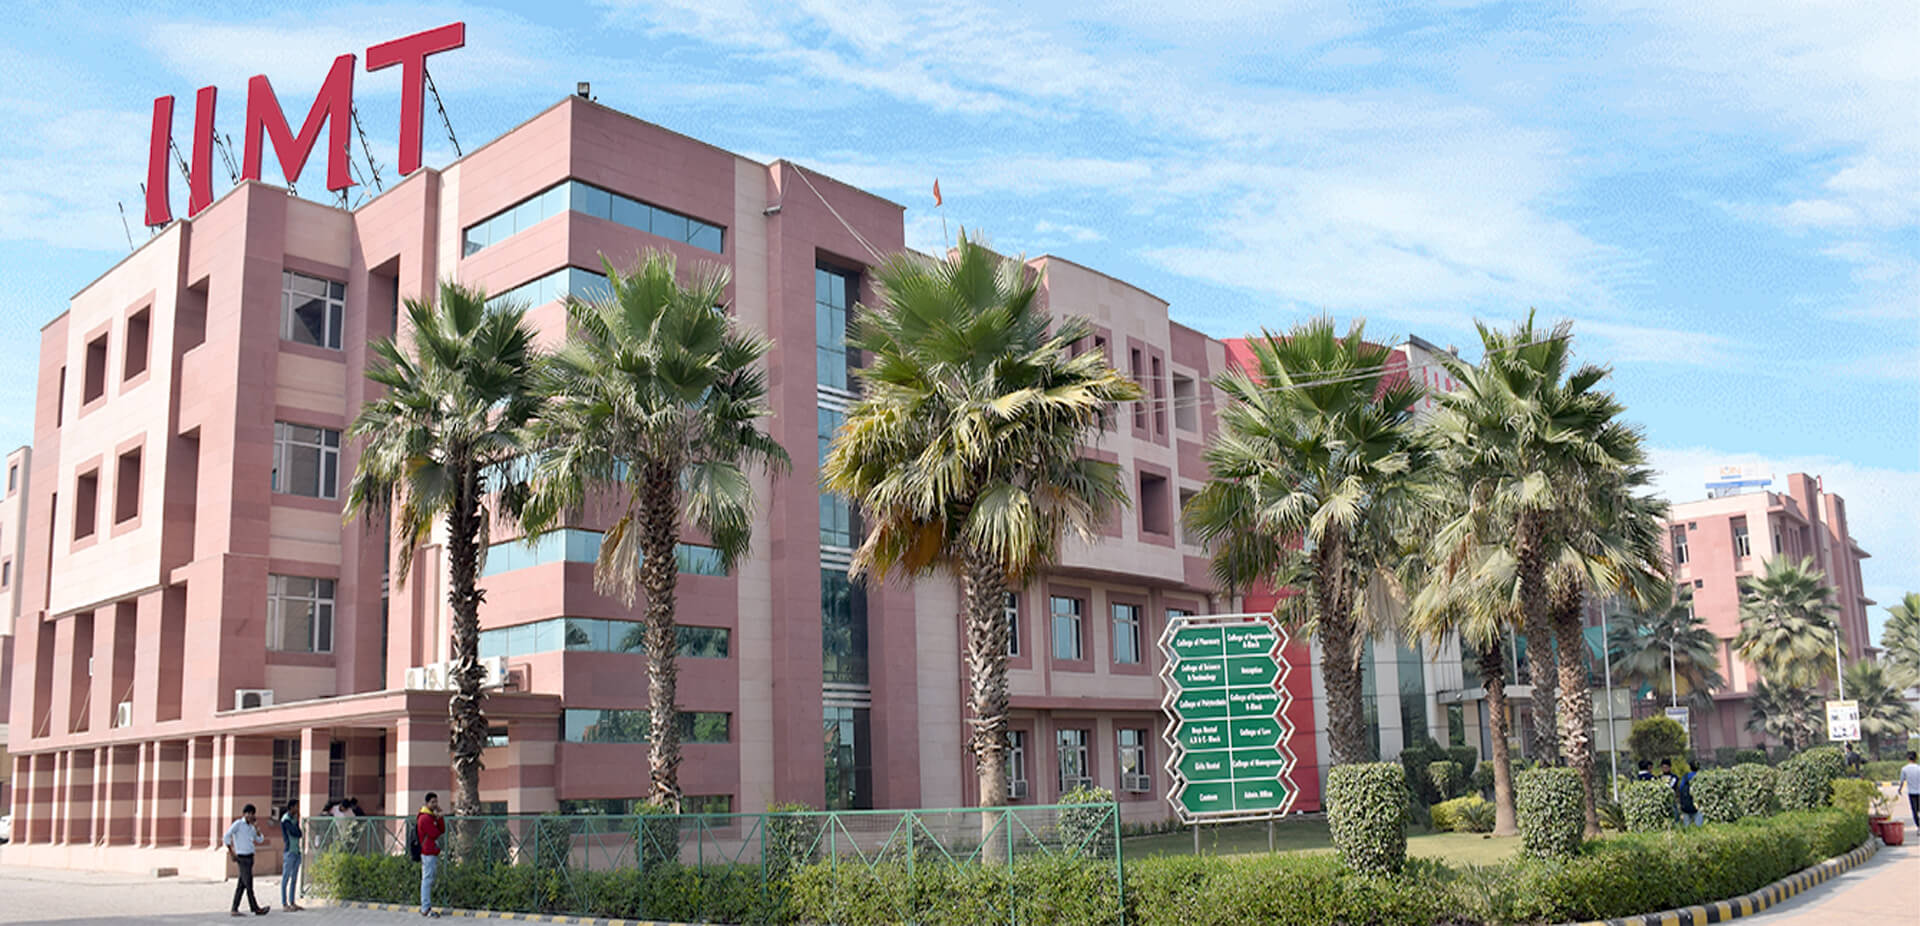 IIMT College Noida